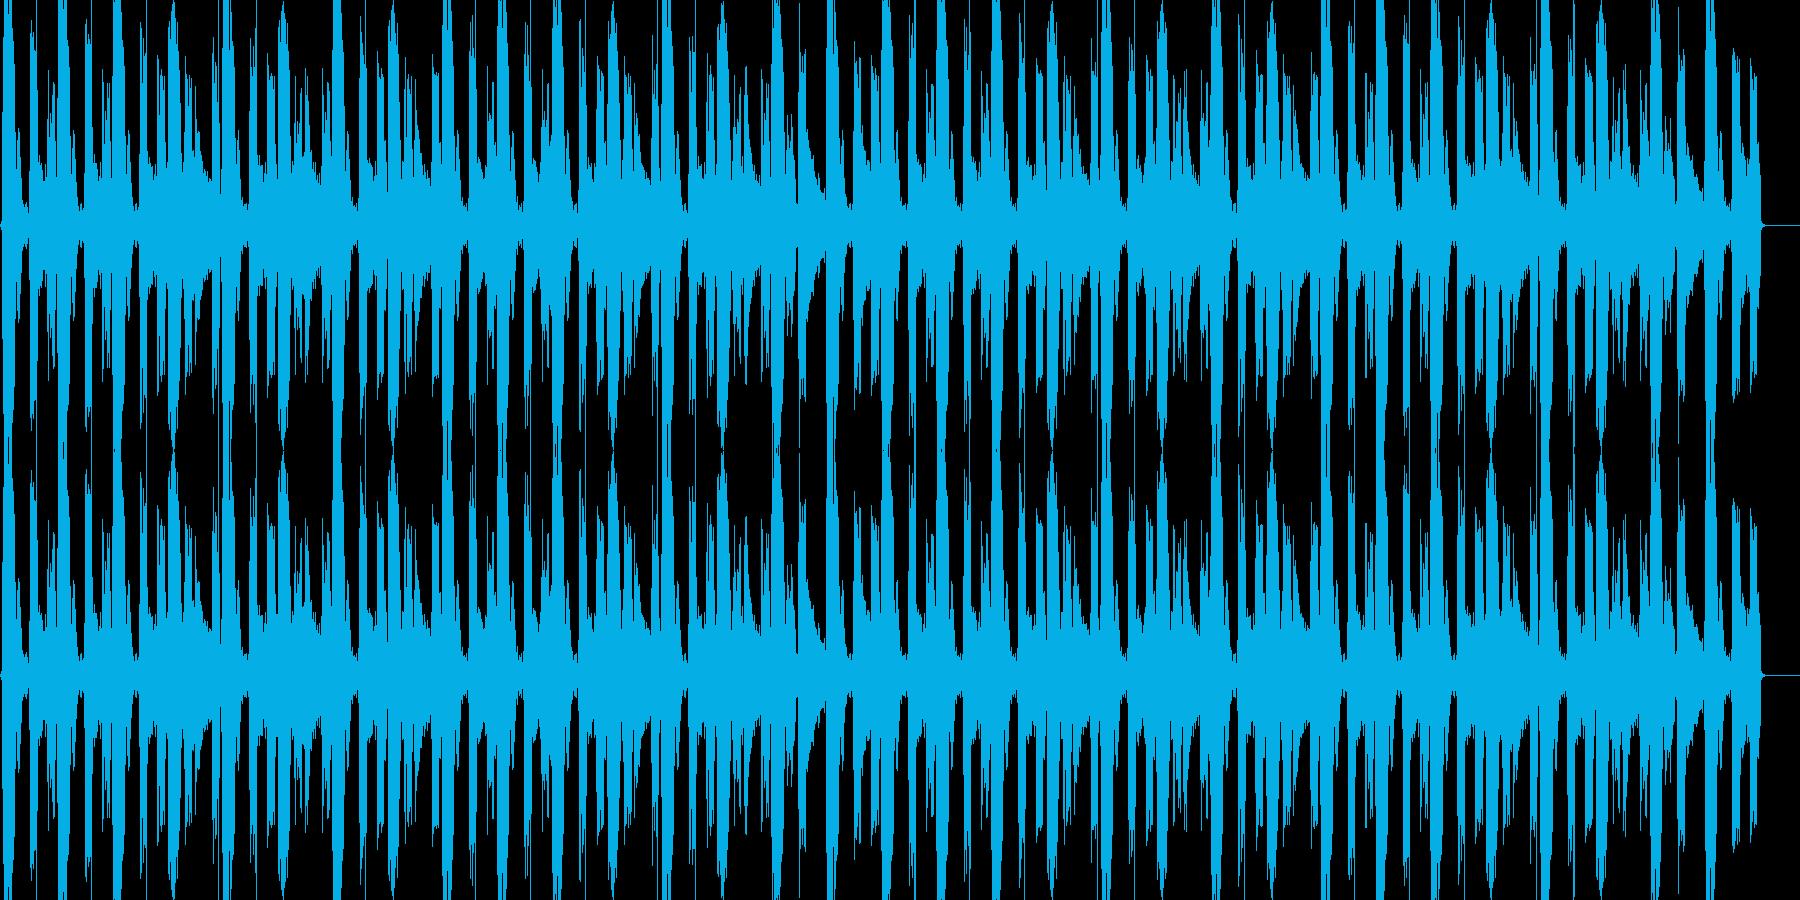 LOOP用ドラムの再生済みの波形